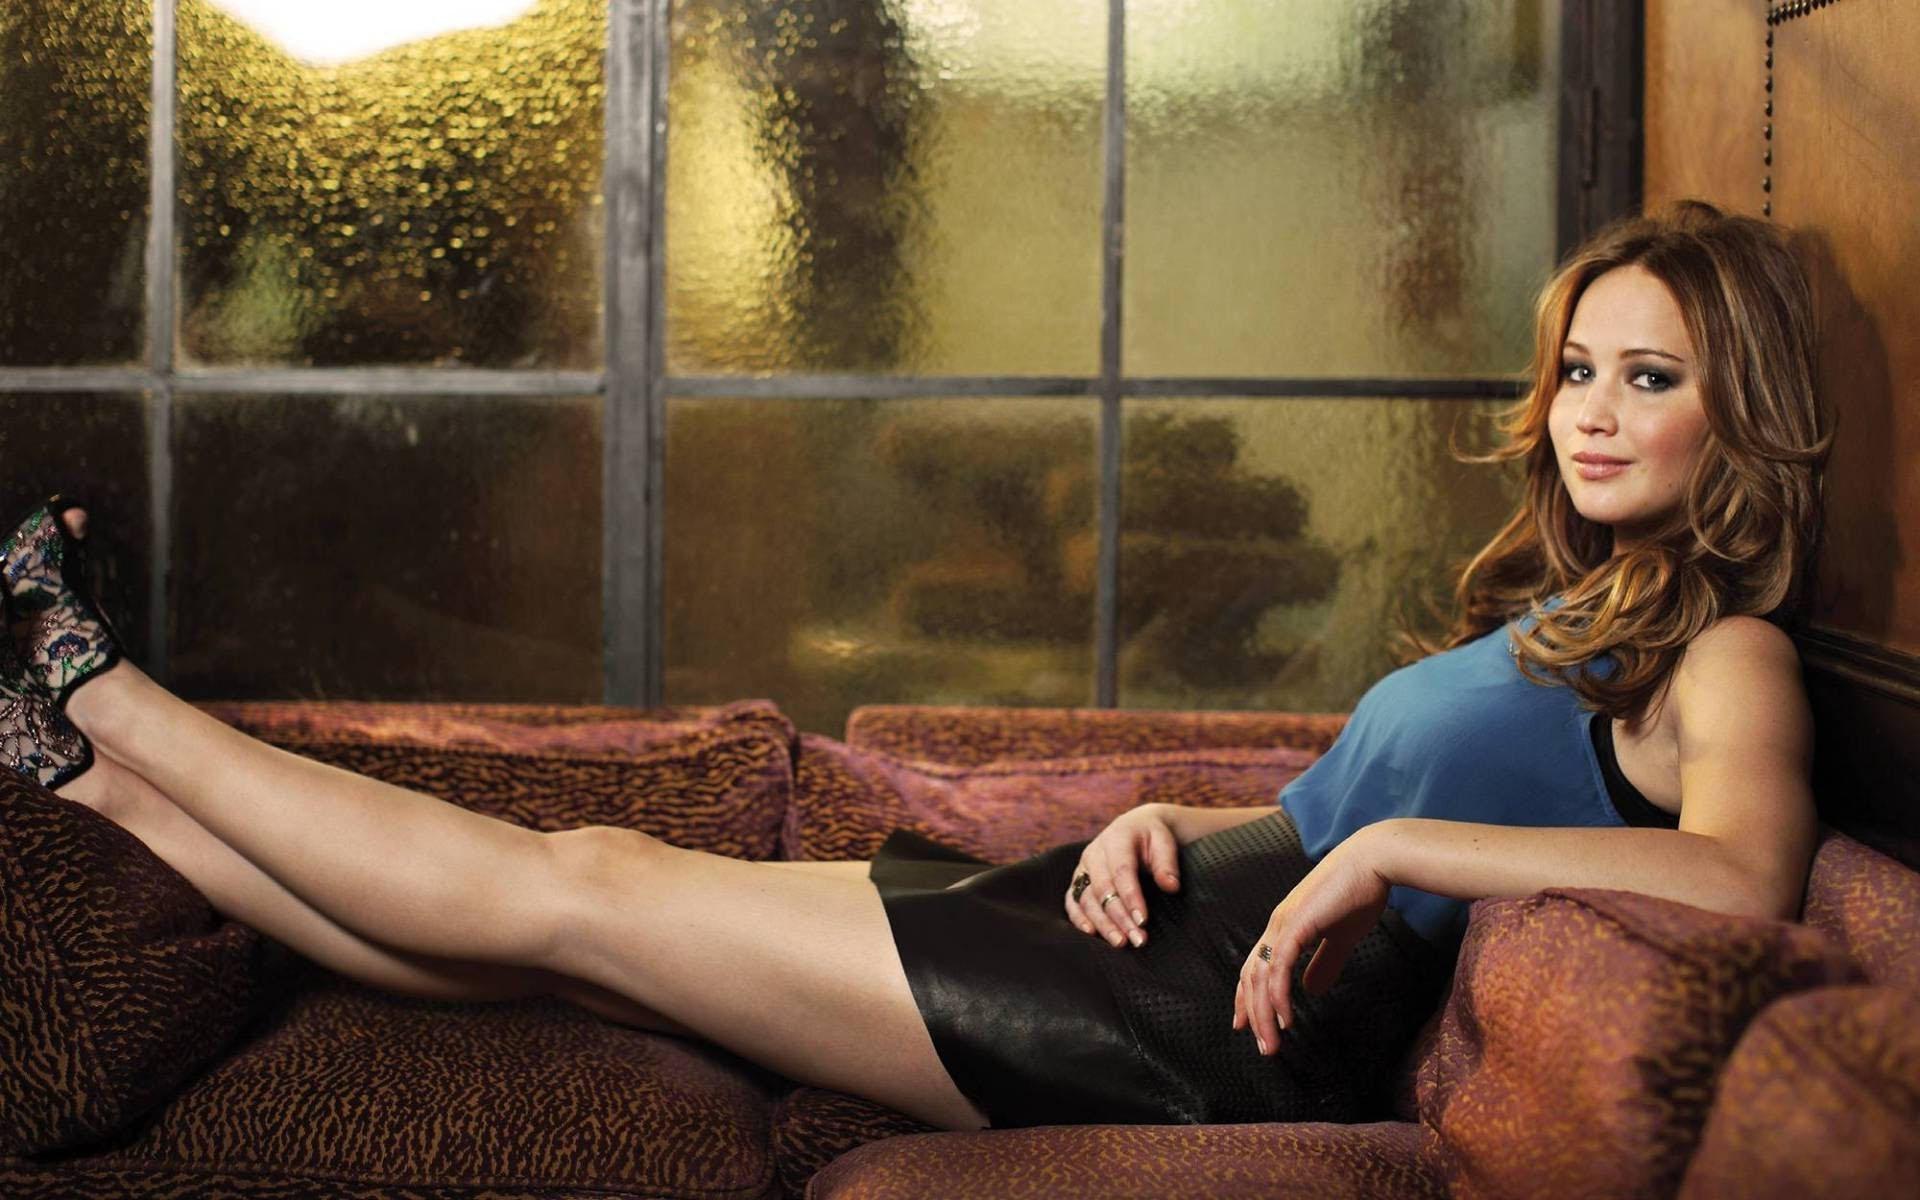 Güzel ve başarılı oyuncu Jennifer Lawrence Instagram hesabından sexy paylaşımları ile kendine hayran çekmeye devam ediyor. HD foto galeri için tıklayın.